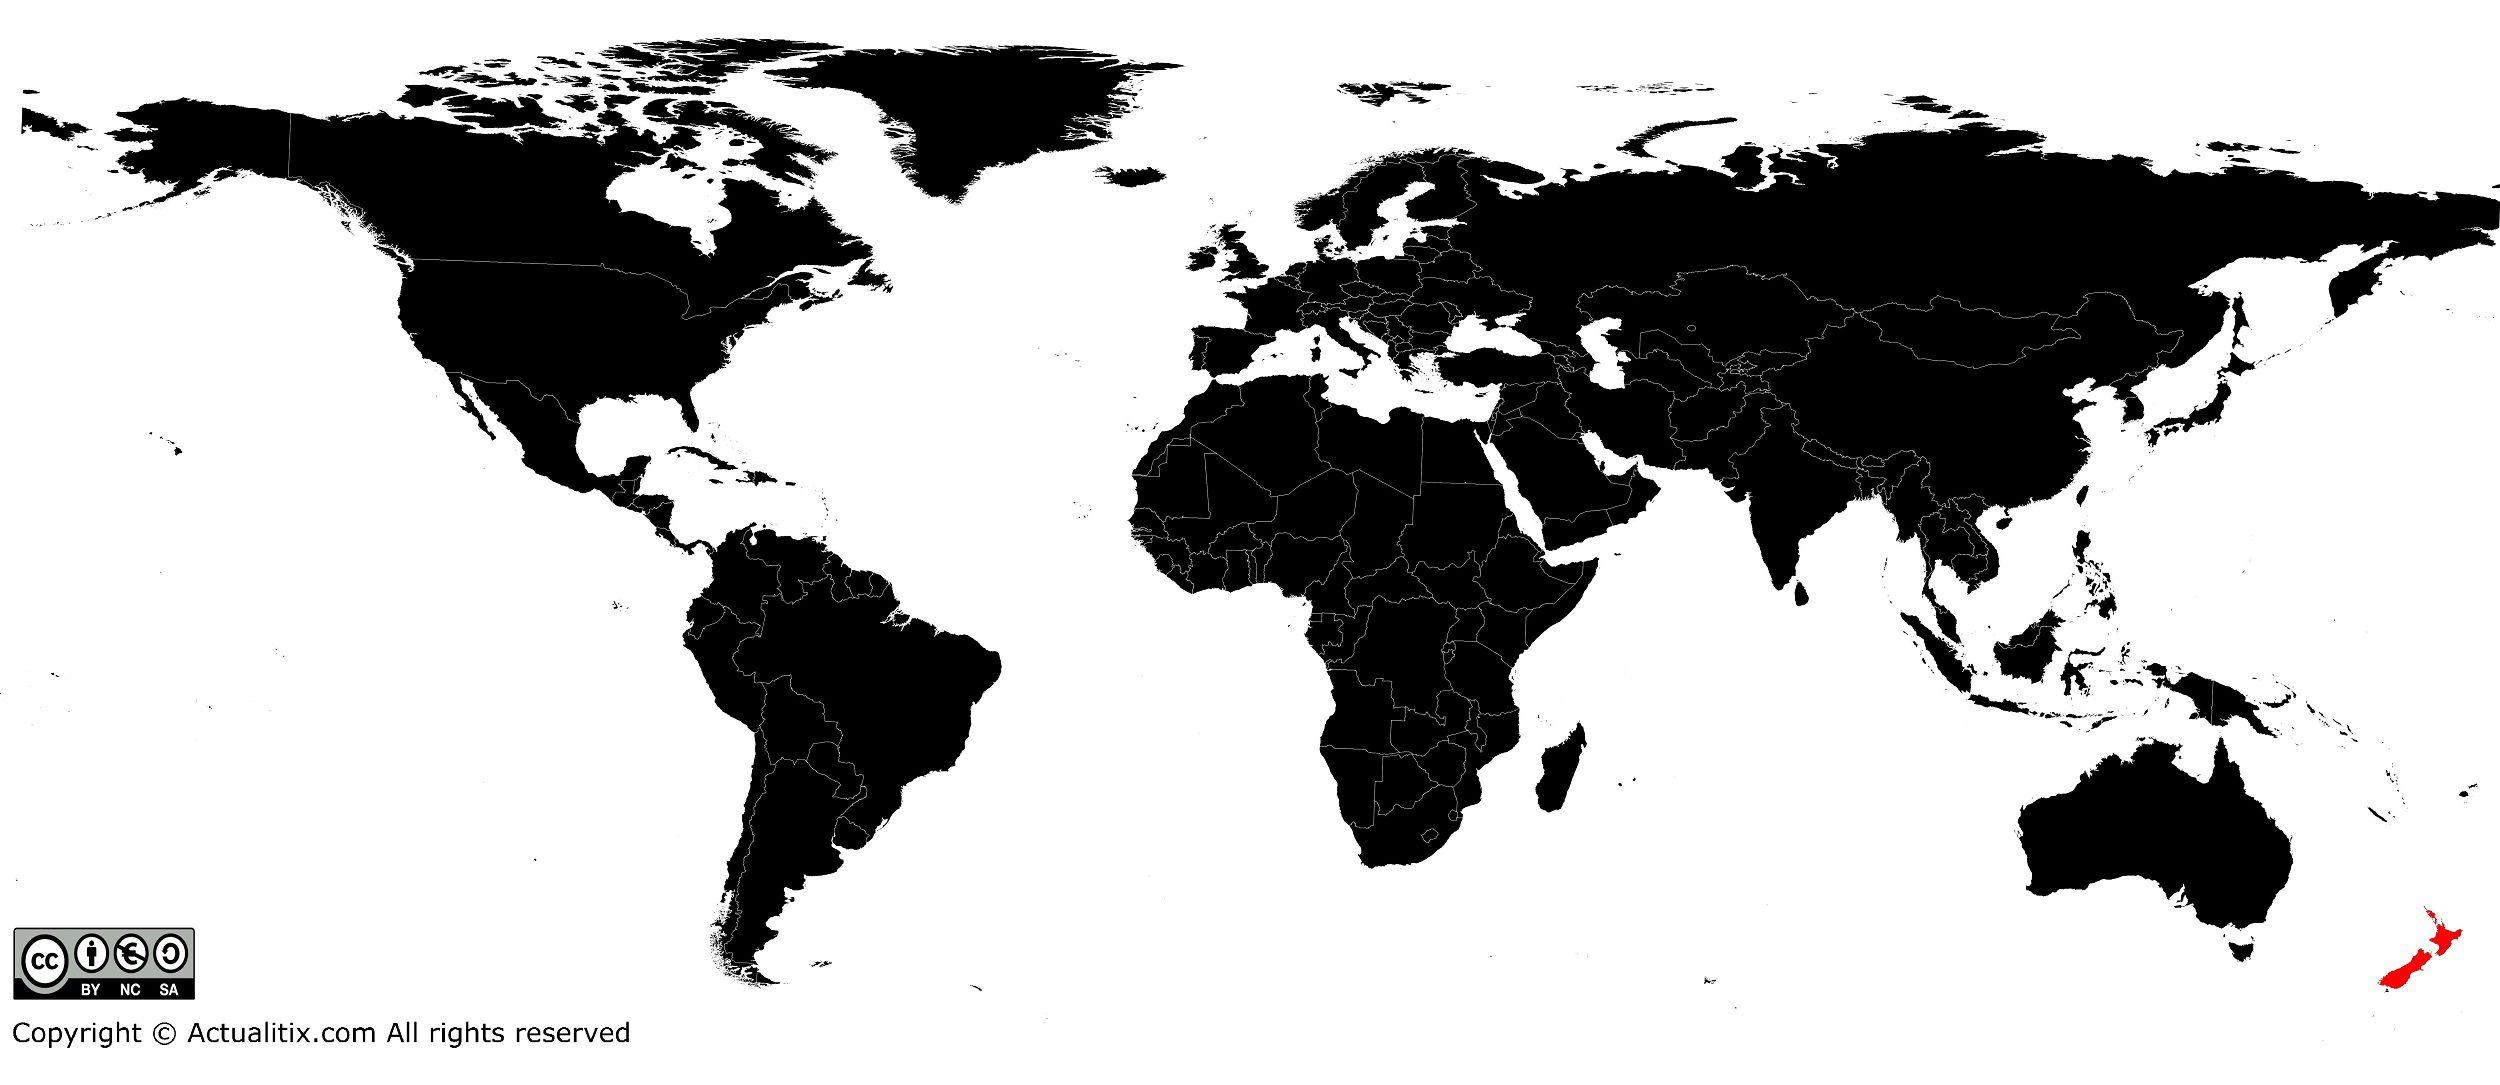 nouvelle zélande carte du monde Carte de la Nouvelle Zélande   Plusieurs cartes du pays en Océanien